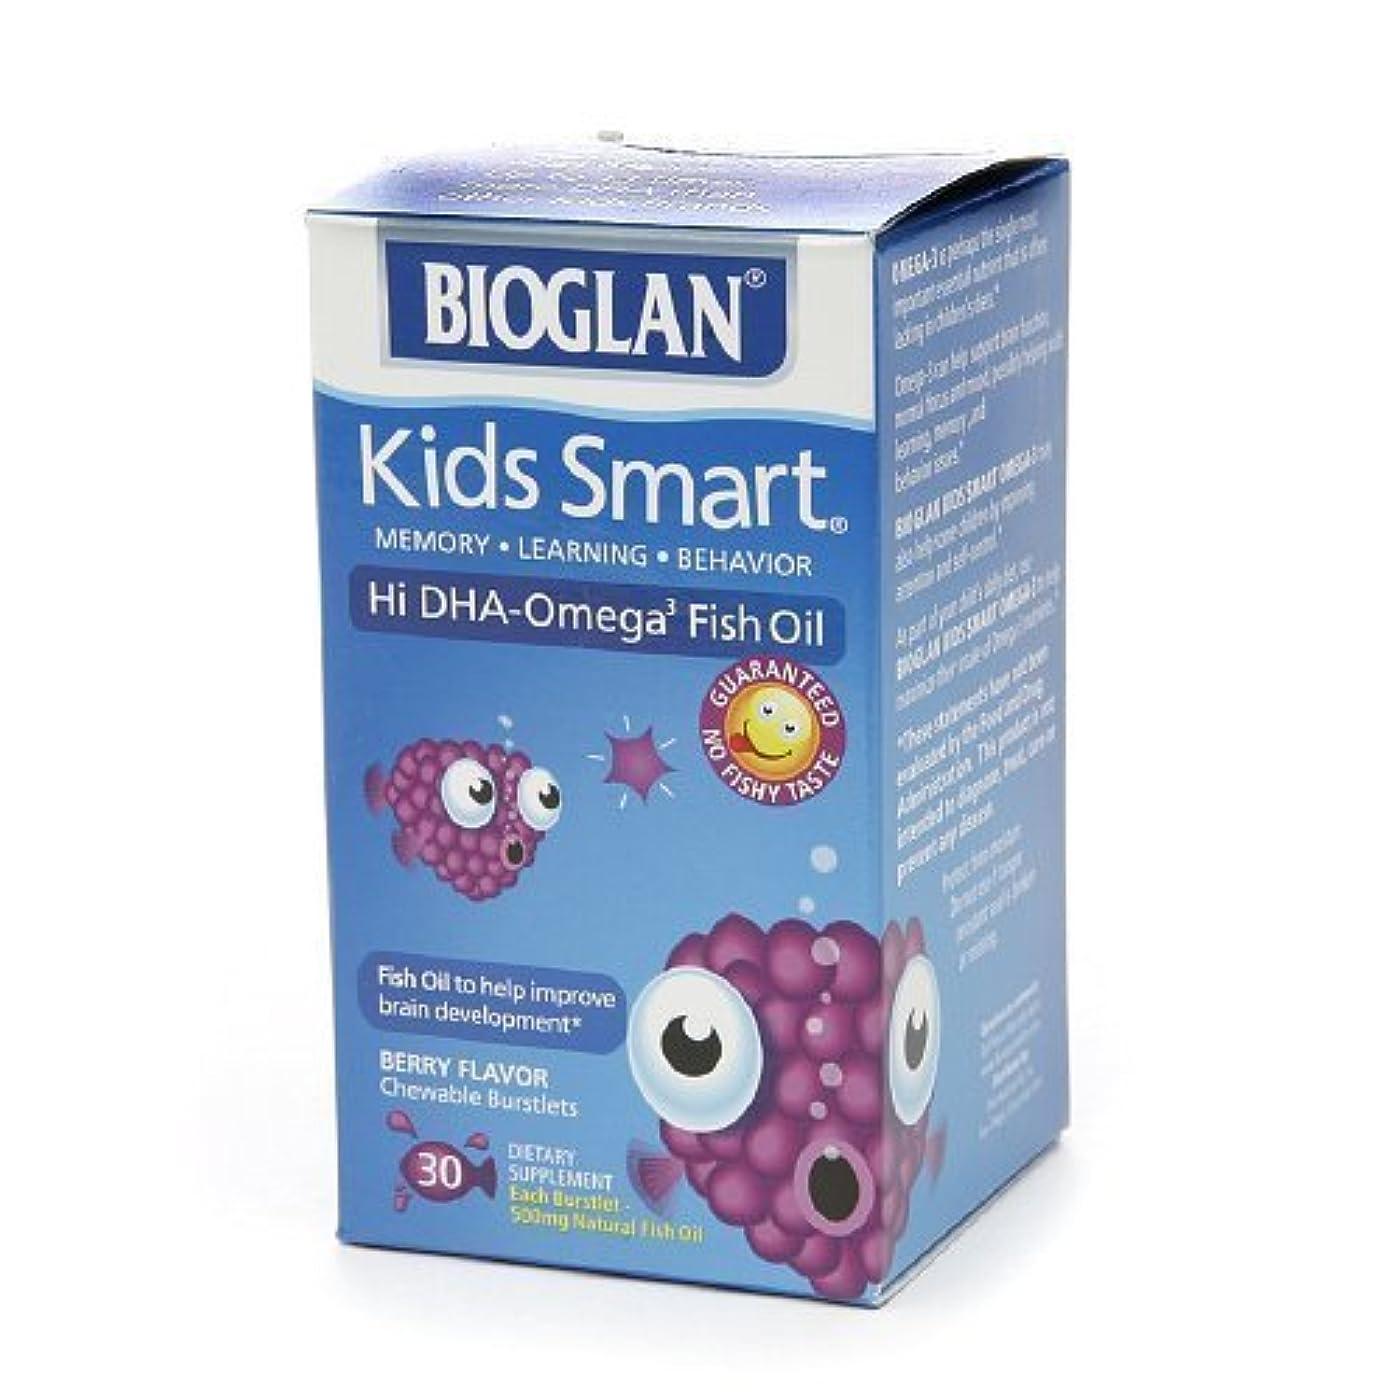 しなやか生き残りますくそーBioGlan Kids Smart Hi DHA Omega-3 Fish Oil, Chewable Burstlets, Berry--30 ea-Product ID DRU-318828_1 by bioglan...